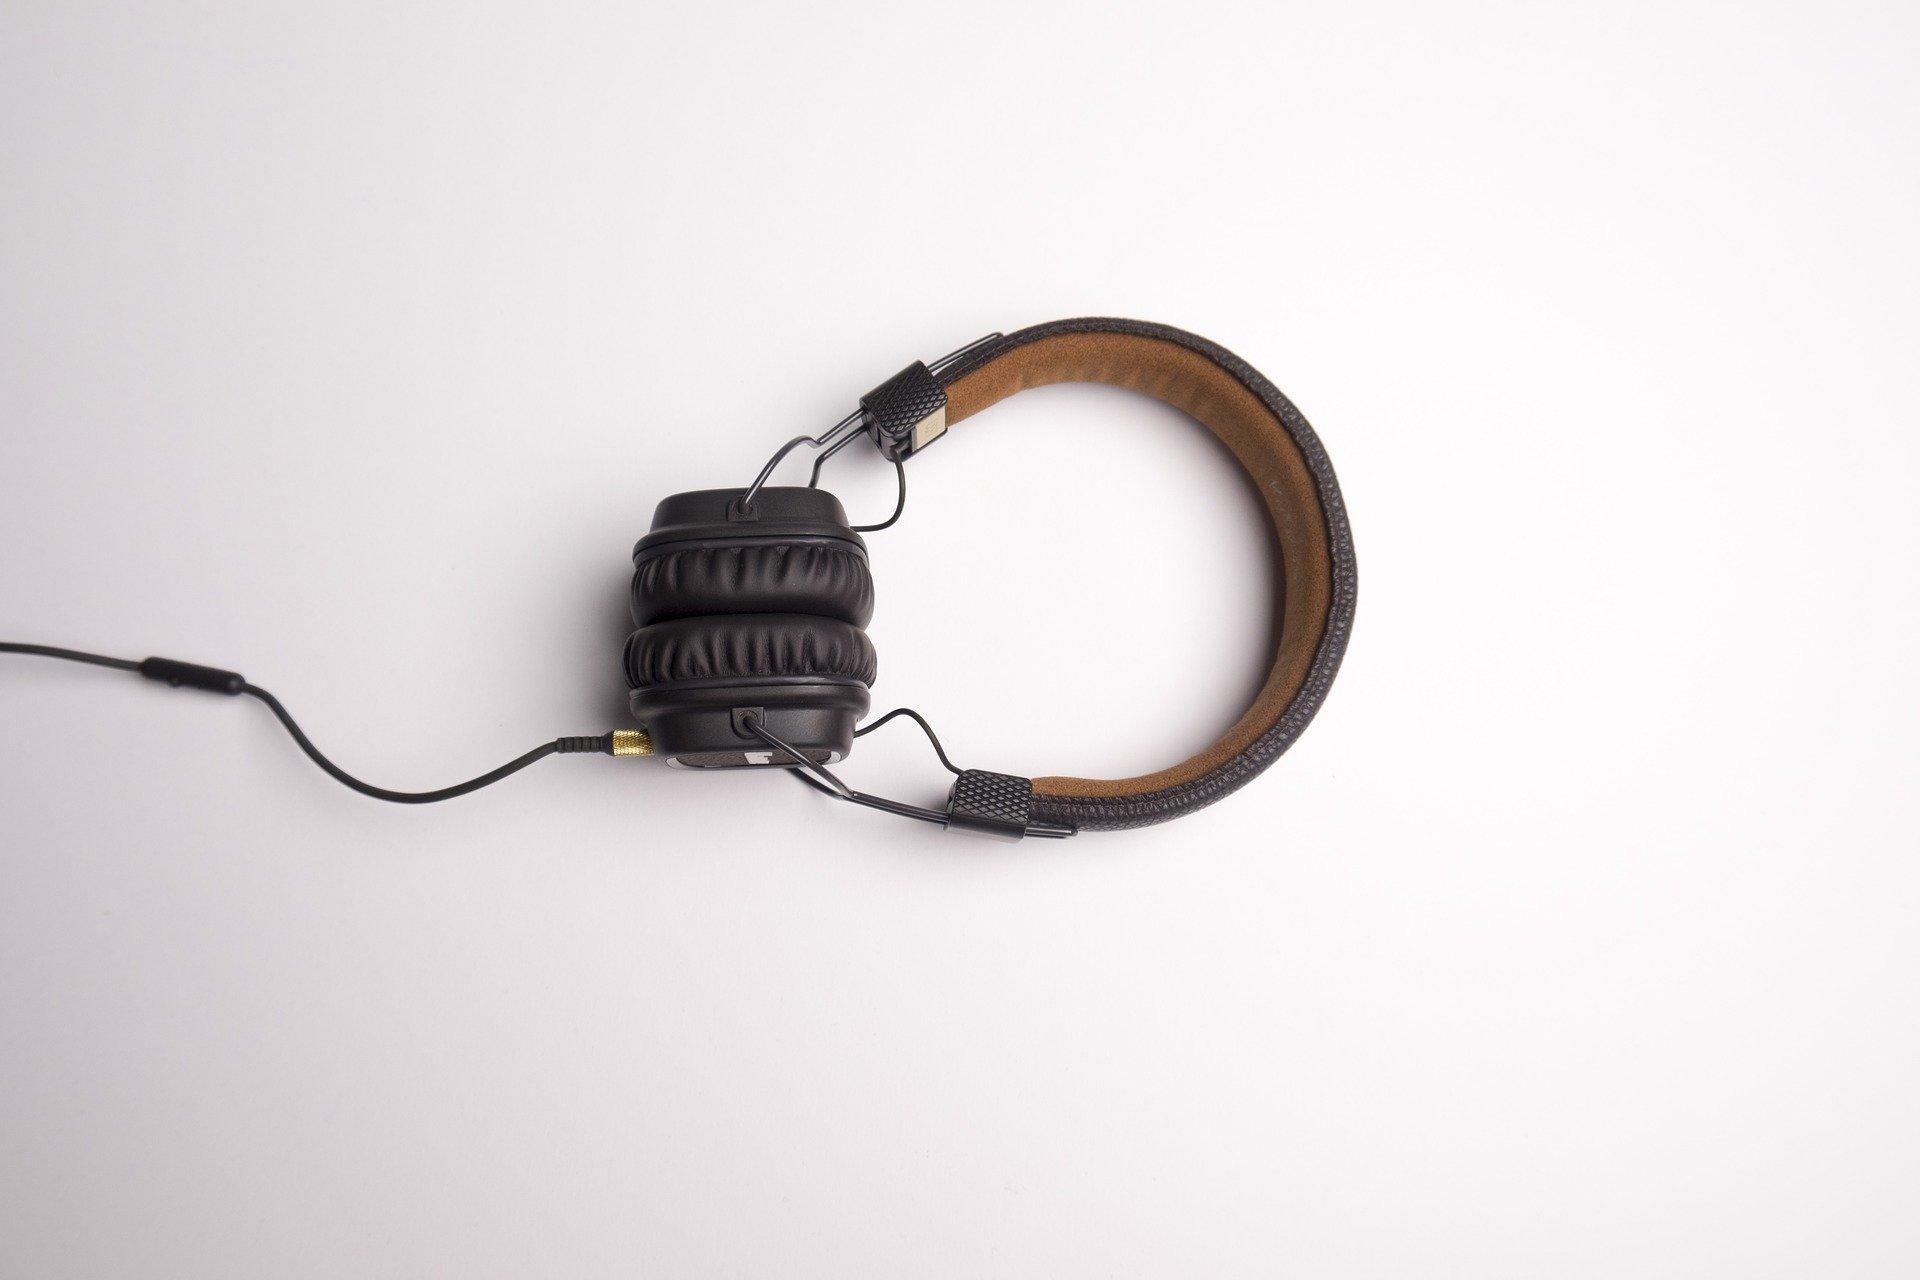 pair of headphones bicros hearing aids